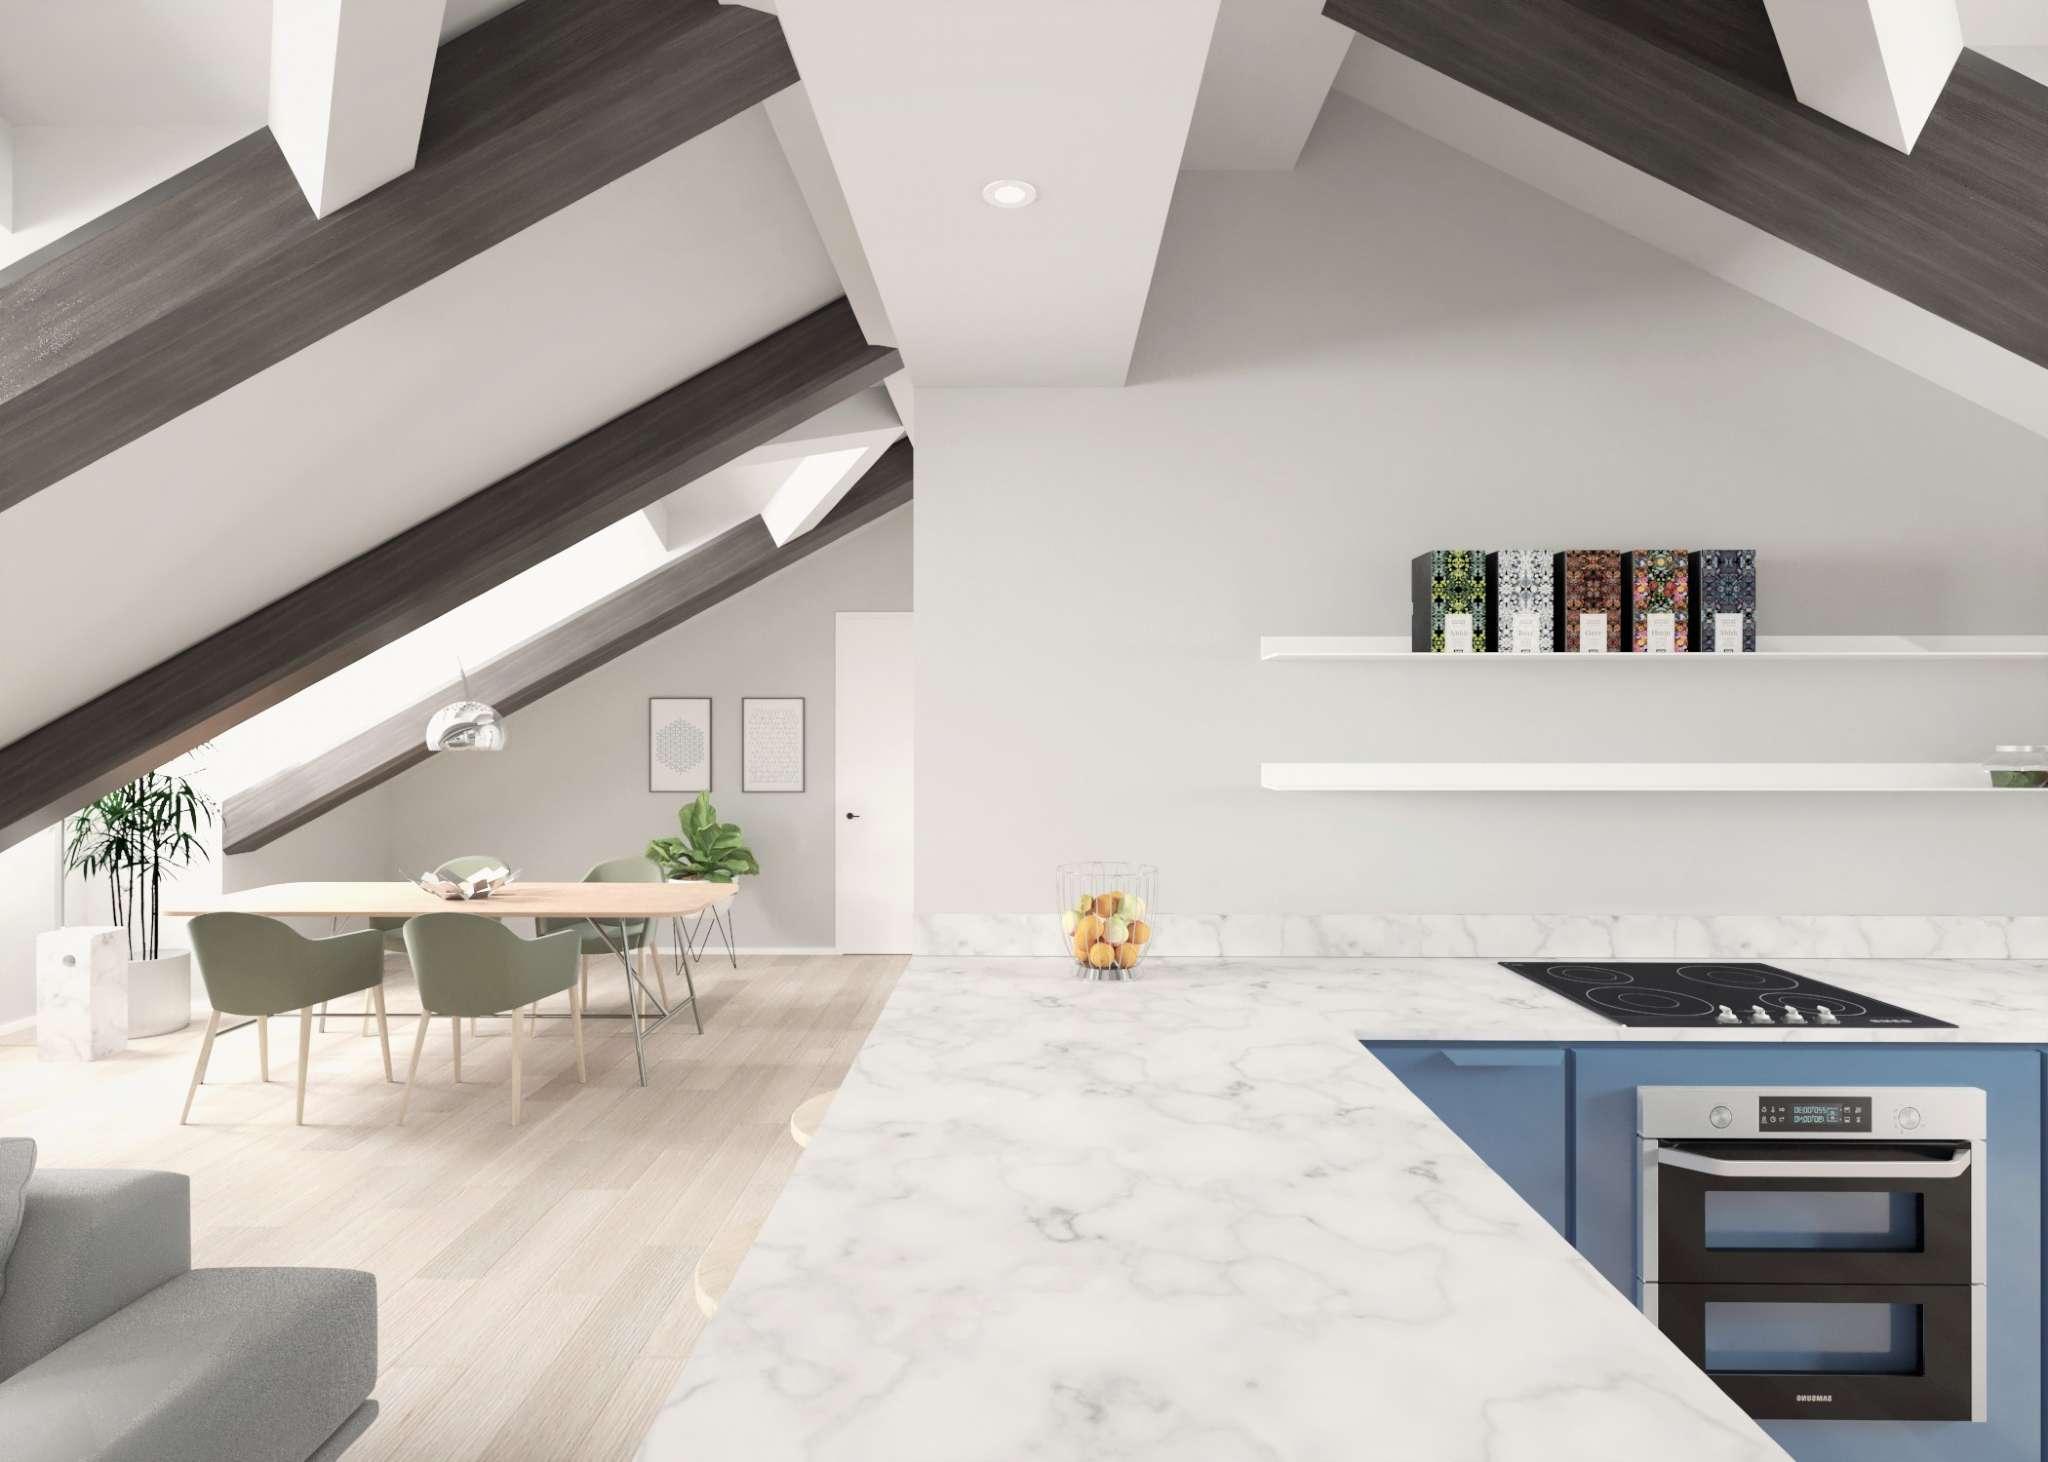 Torino Torino Vendita APPARTAMENTO , alloggi in vendita, appartamenti a torino